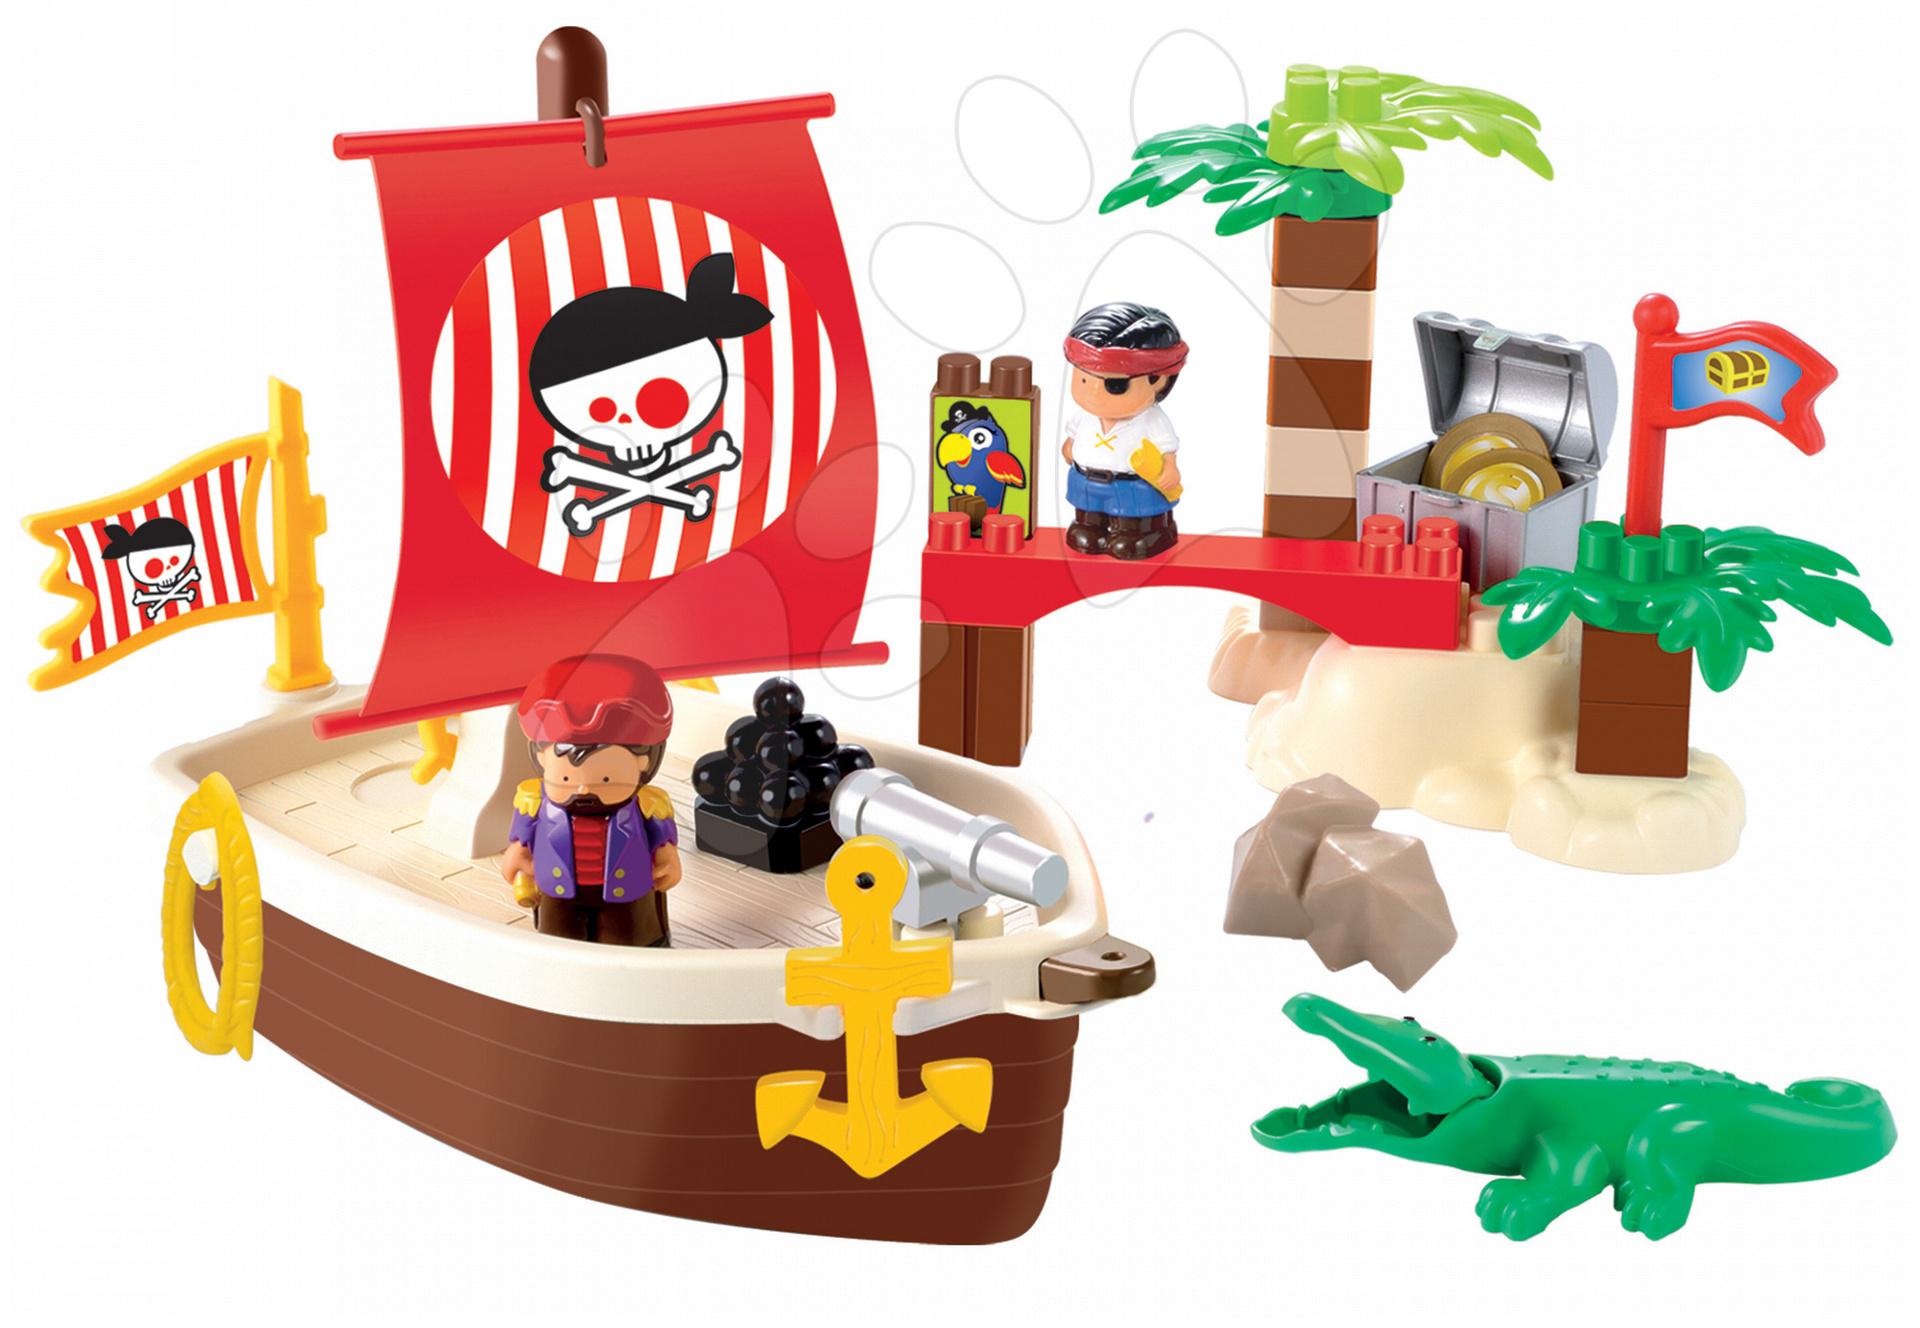 Stavebnice Pirátská loď s ostrovem Abrick Écoiffier s krokodýlem a 2 piráty 34 dílů od 18 měsíců